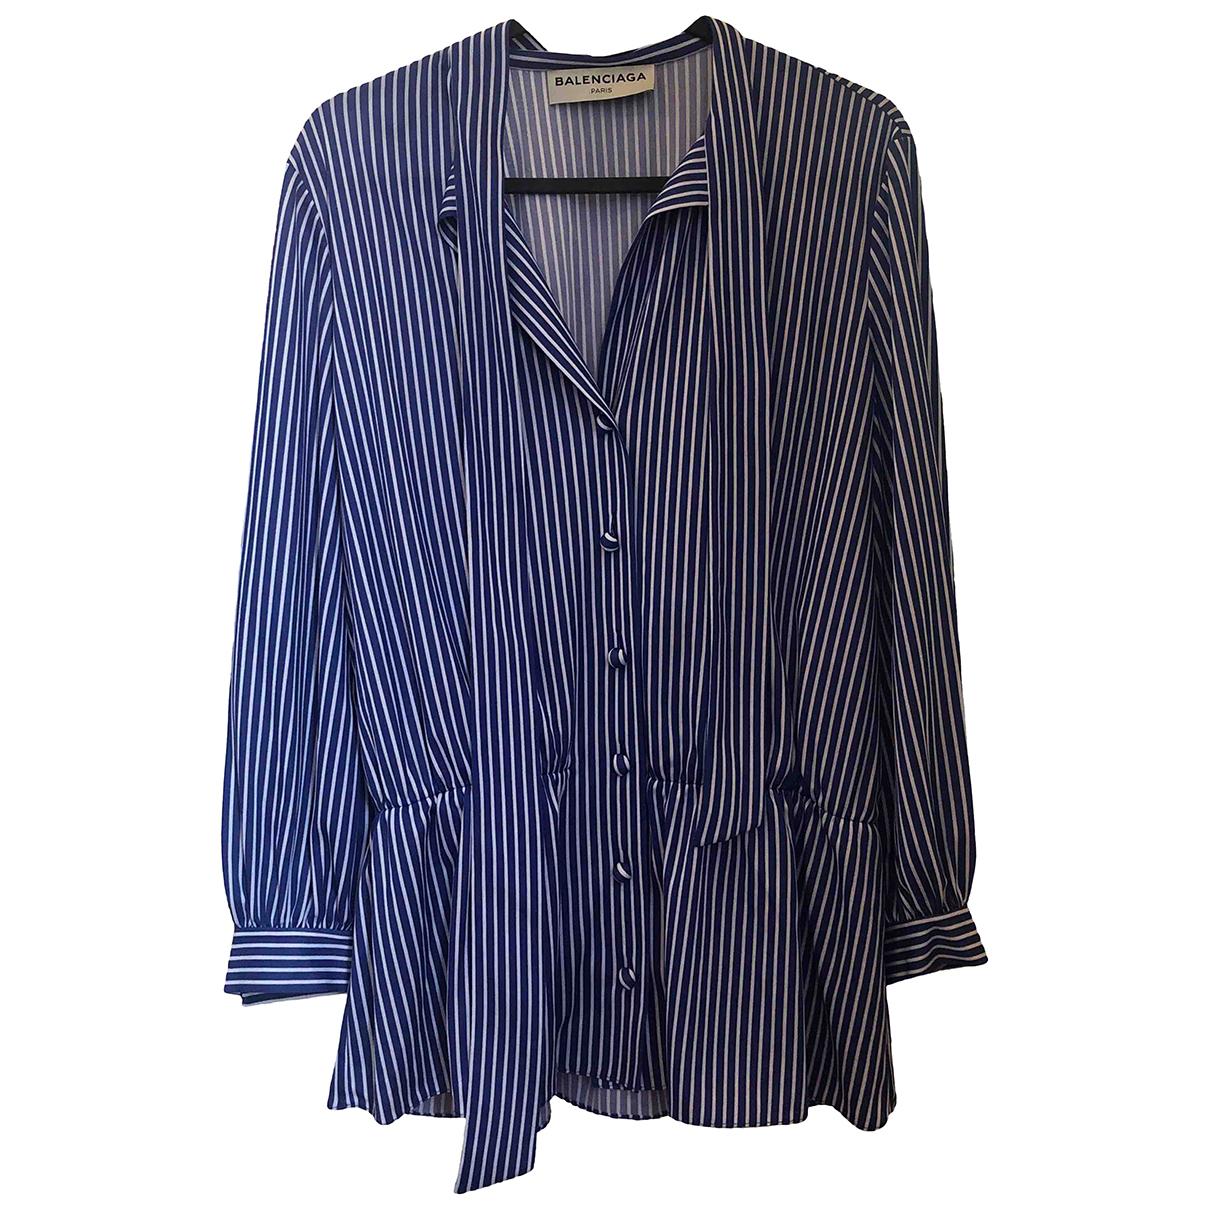 Balenciaga - Top   pour femme - bleu